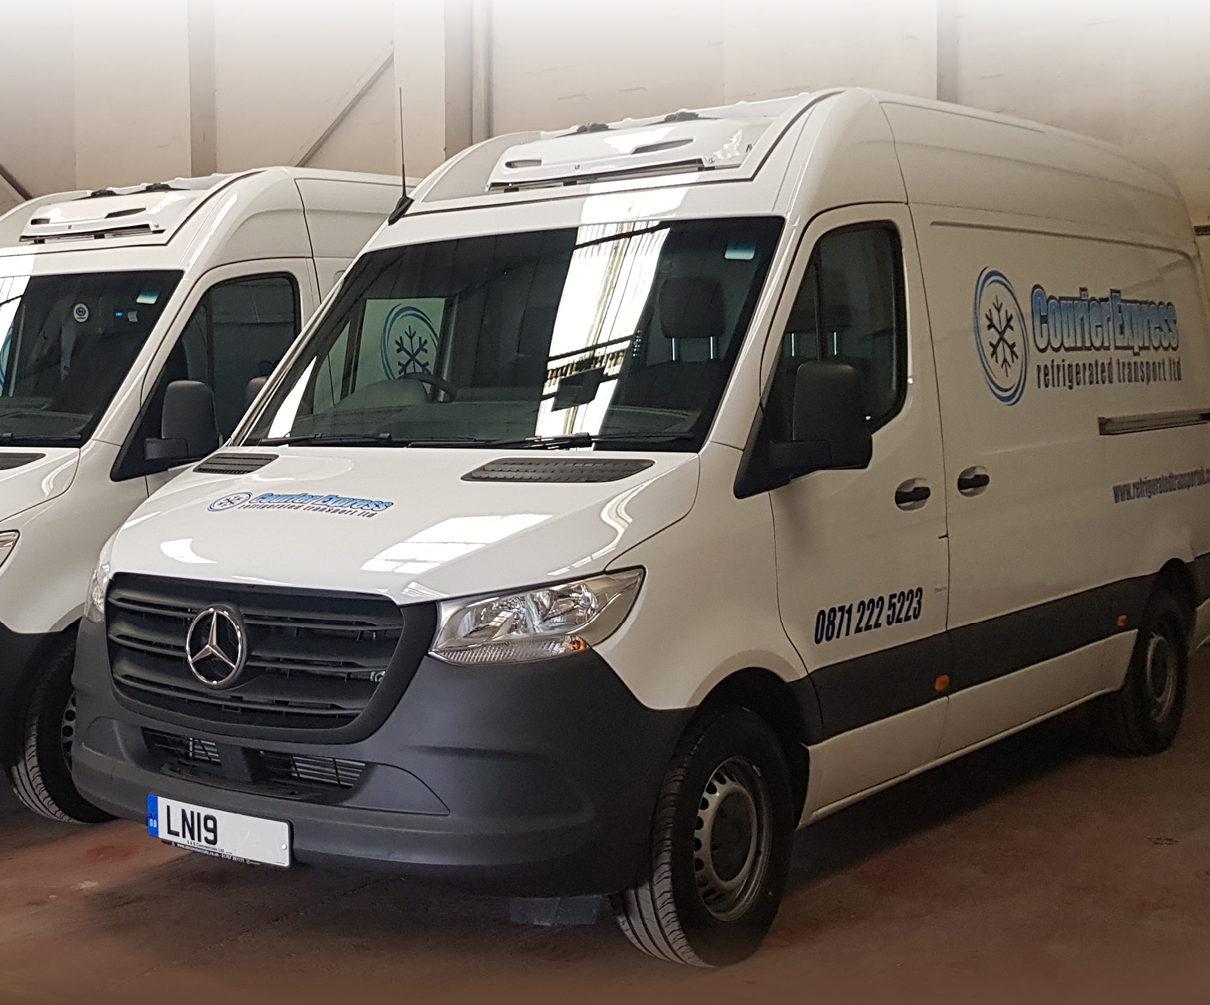 courier express x 4 vans